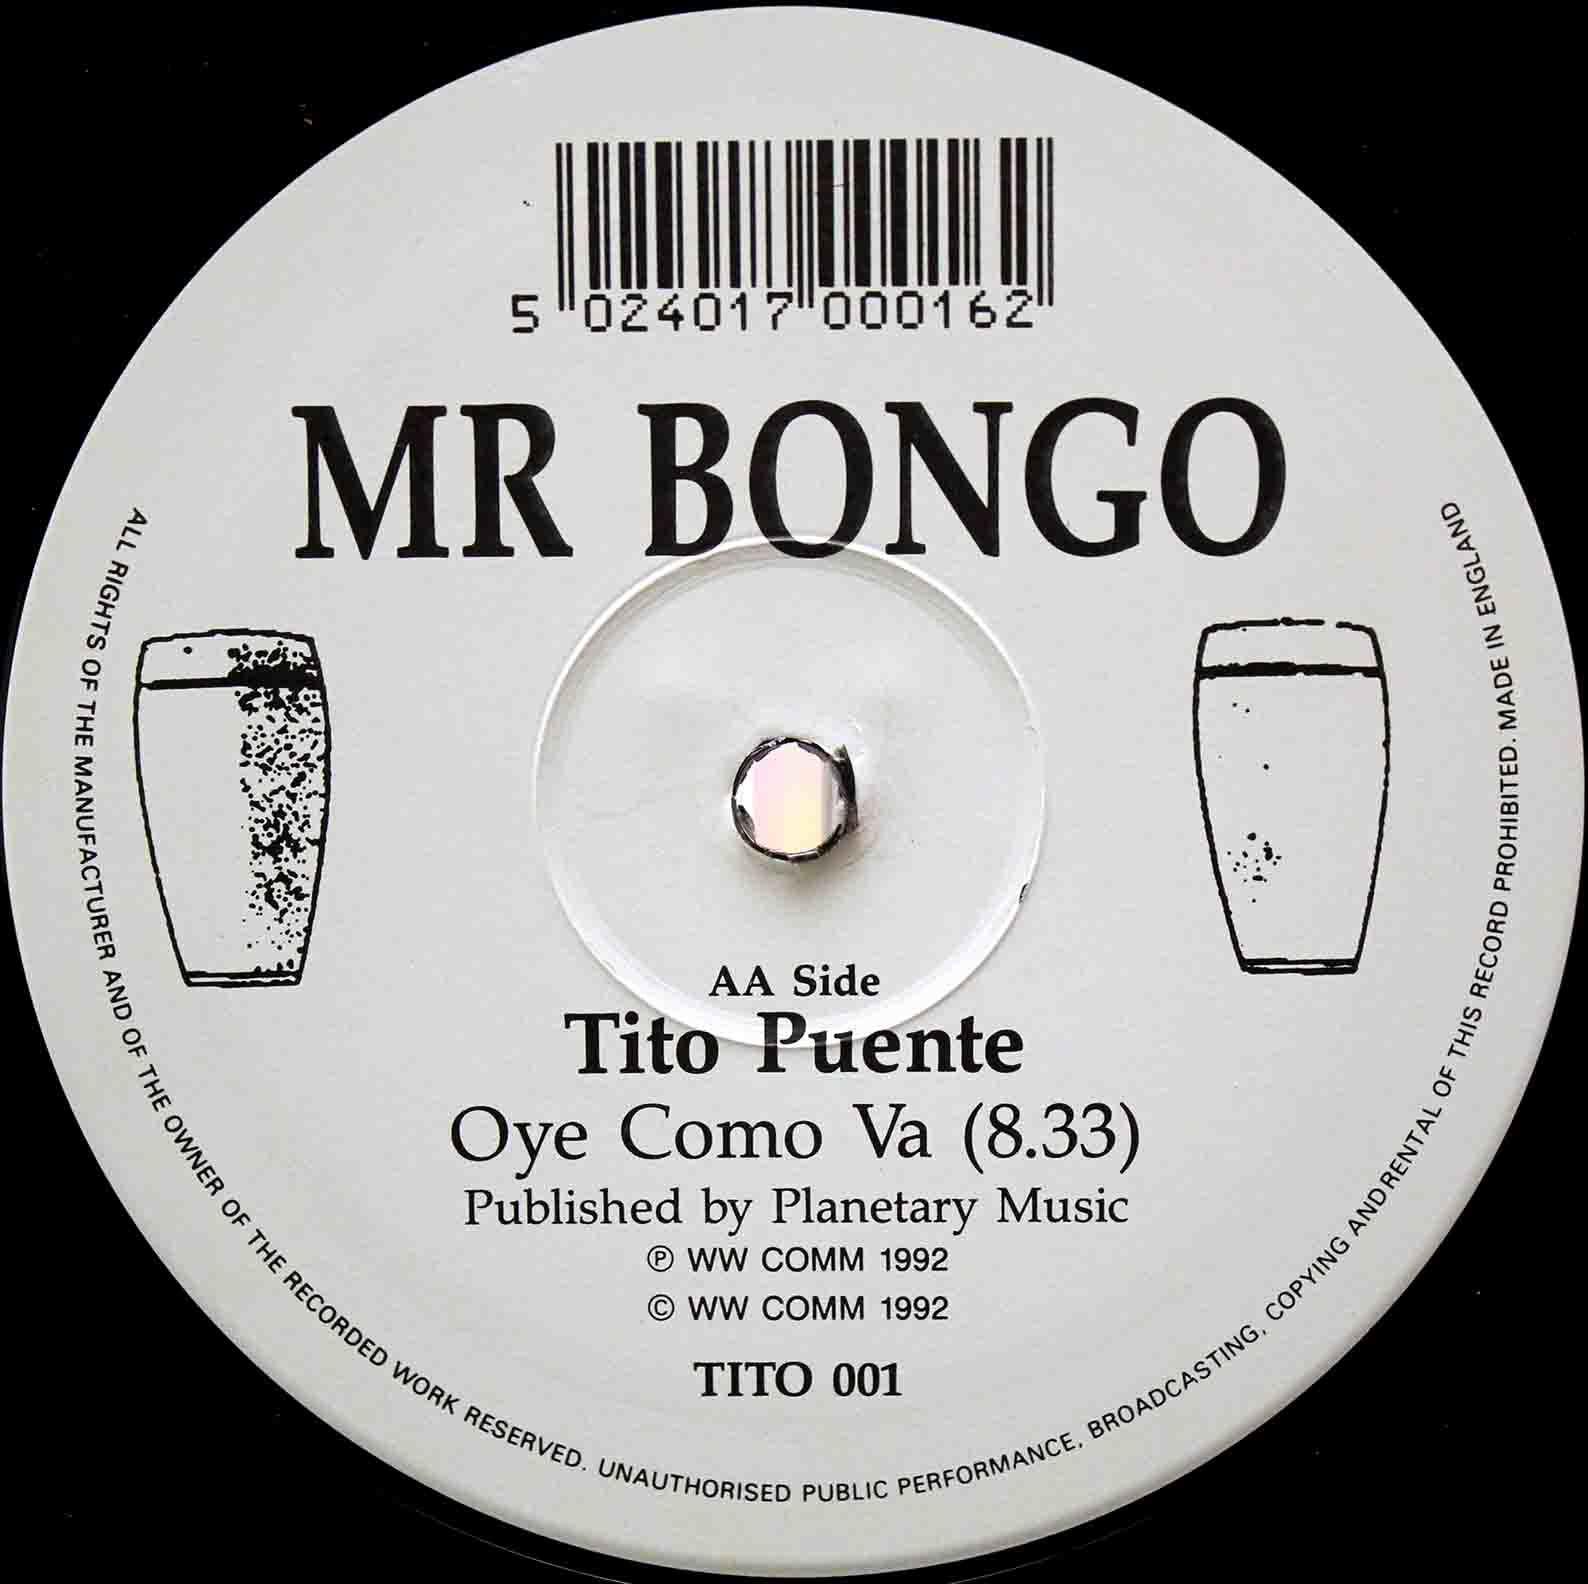 Tito Puente - Oye Como Va 03